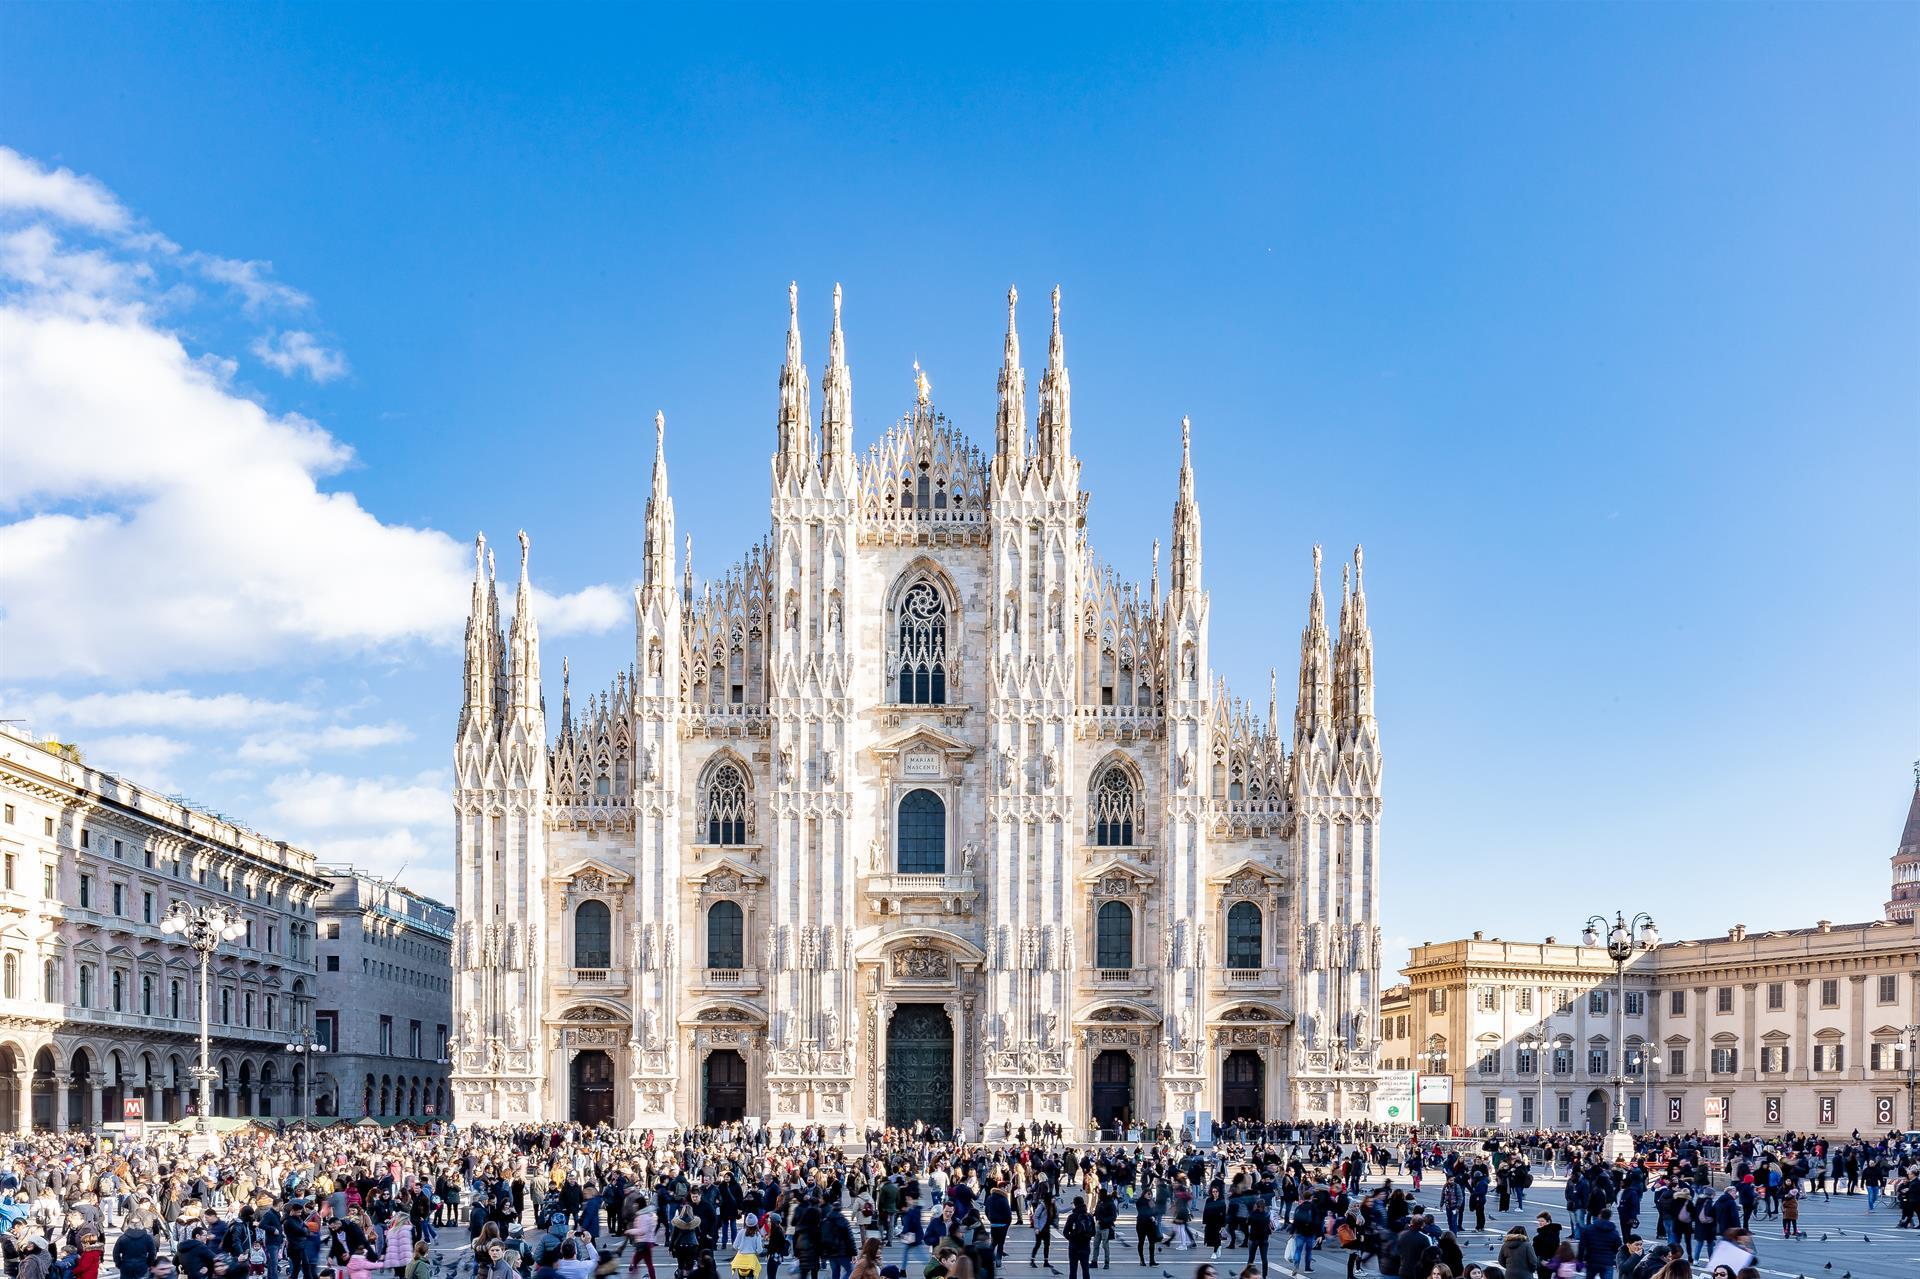 FS 2018 Dec7 Duomo Facade Piazza 02